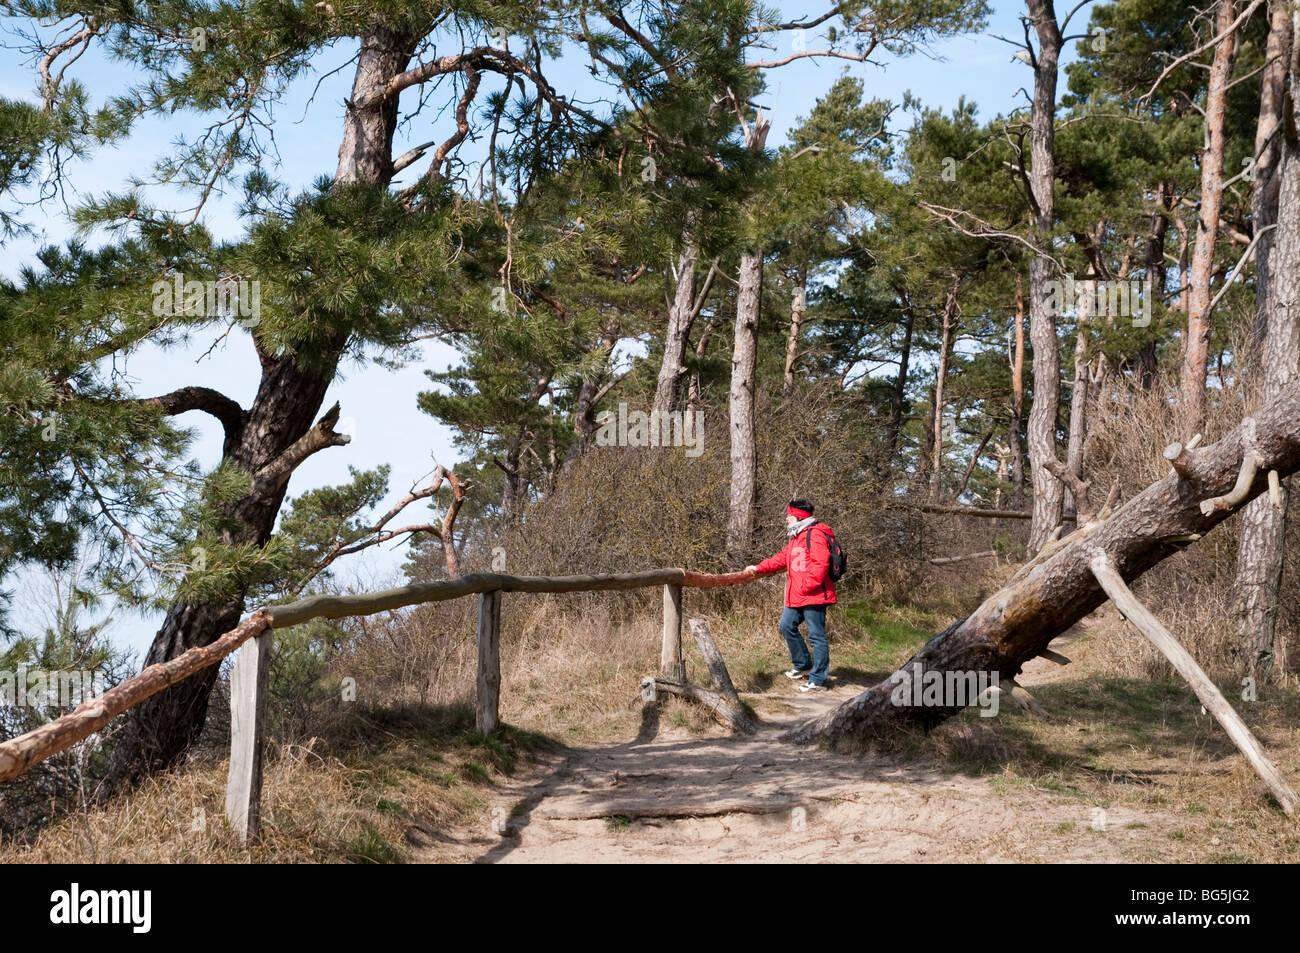 Naturschutzgebiet Halbinsel Gnitz, Insel Usedom, Mecklenburg-Vorpommern, Deutschland | nature reserve Gnitz, Isle - Stock Image